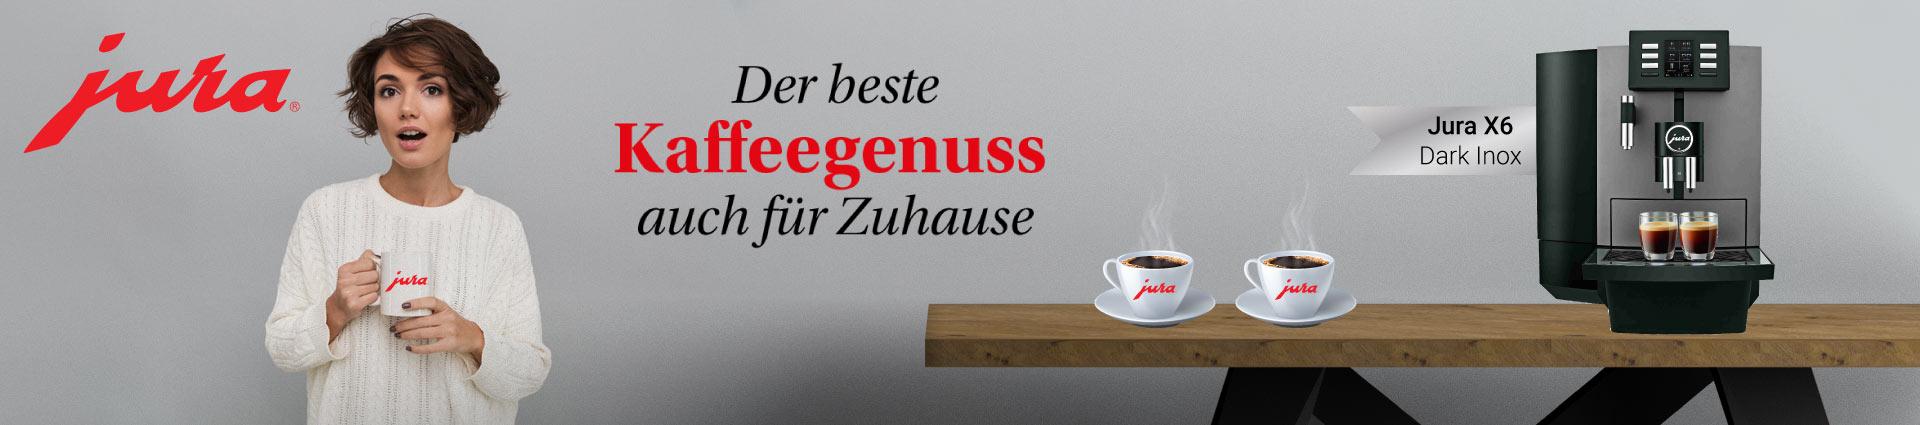 Jura X6 Dark Inox - Der beste Kaffeegenuss auch für Zuhause